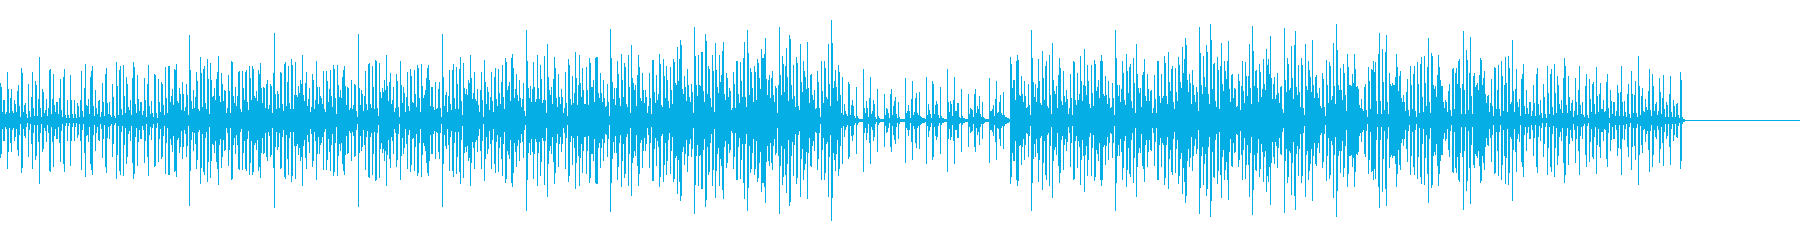 不気味ながらコミカルな曲の再生済みの波形